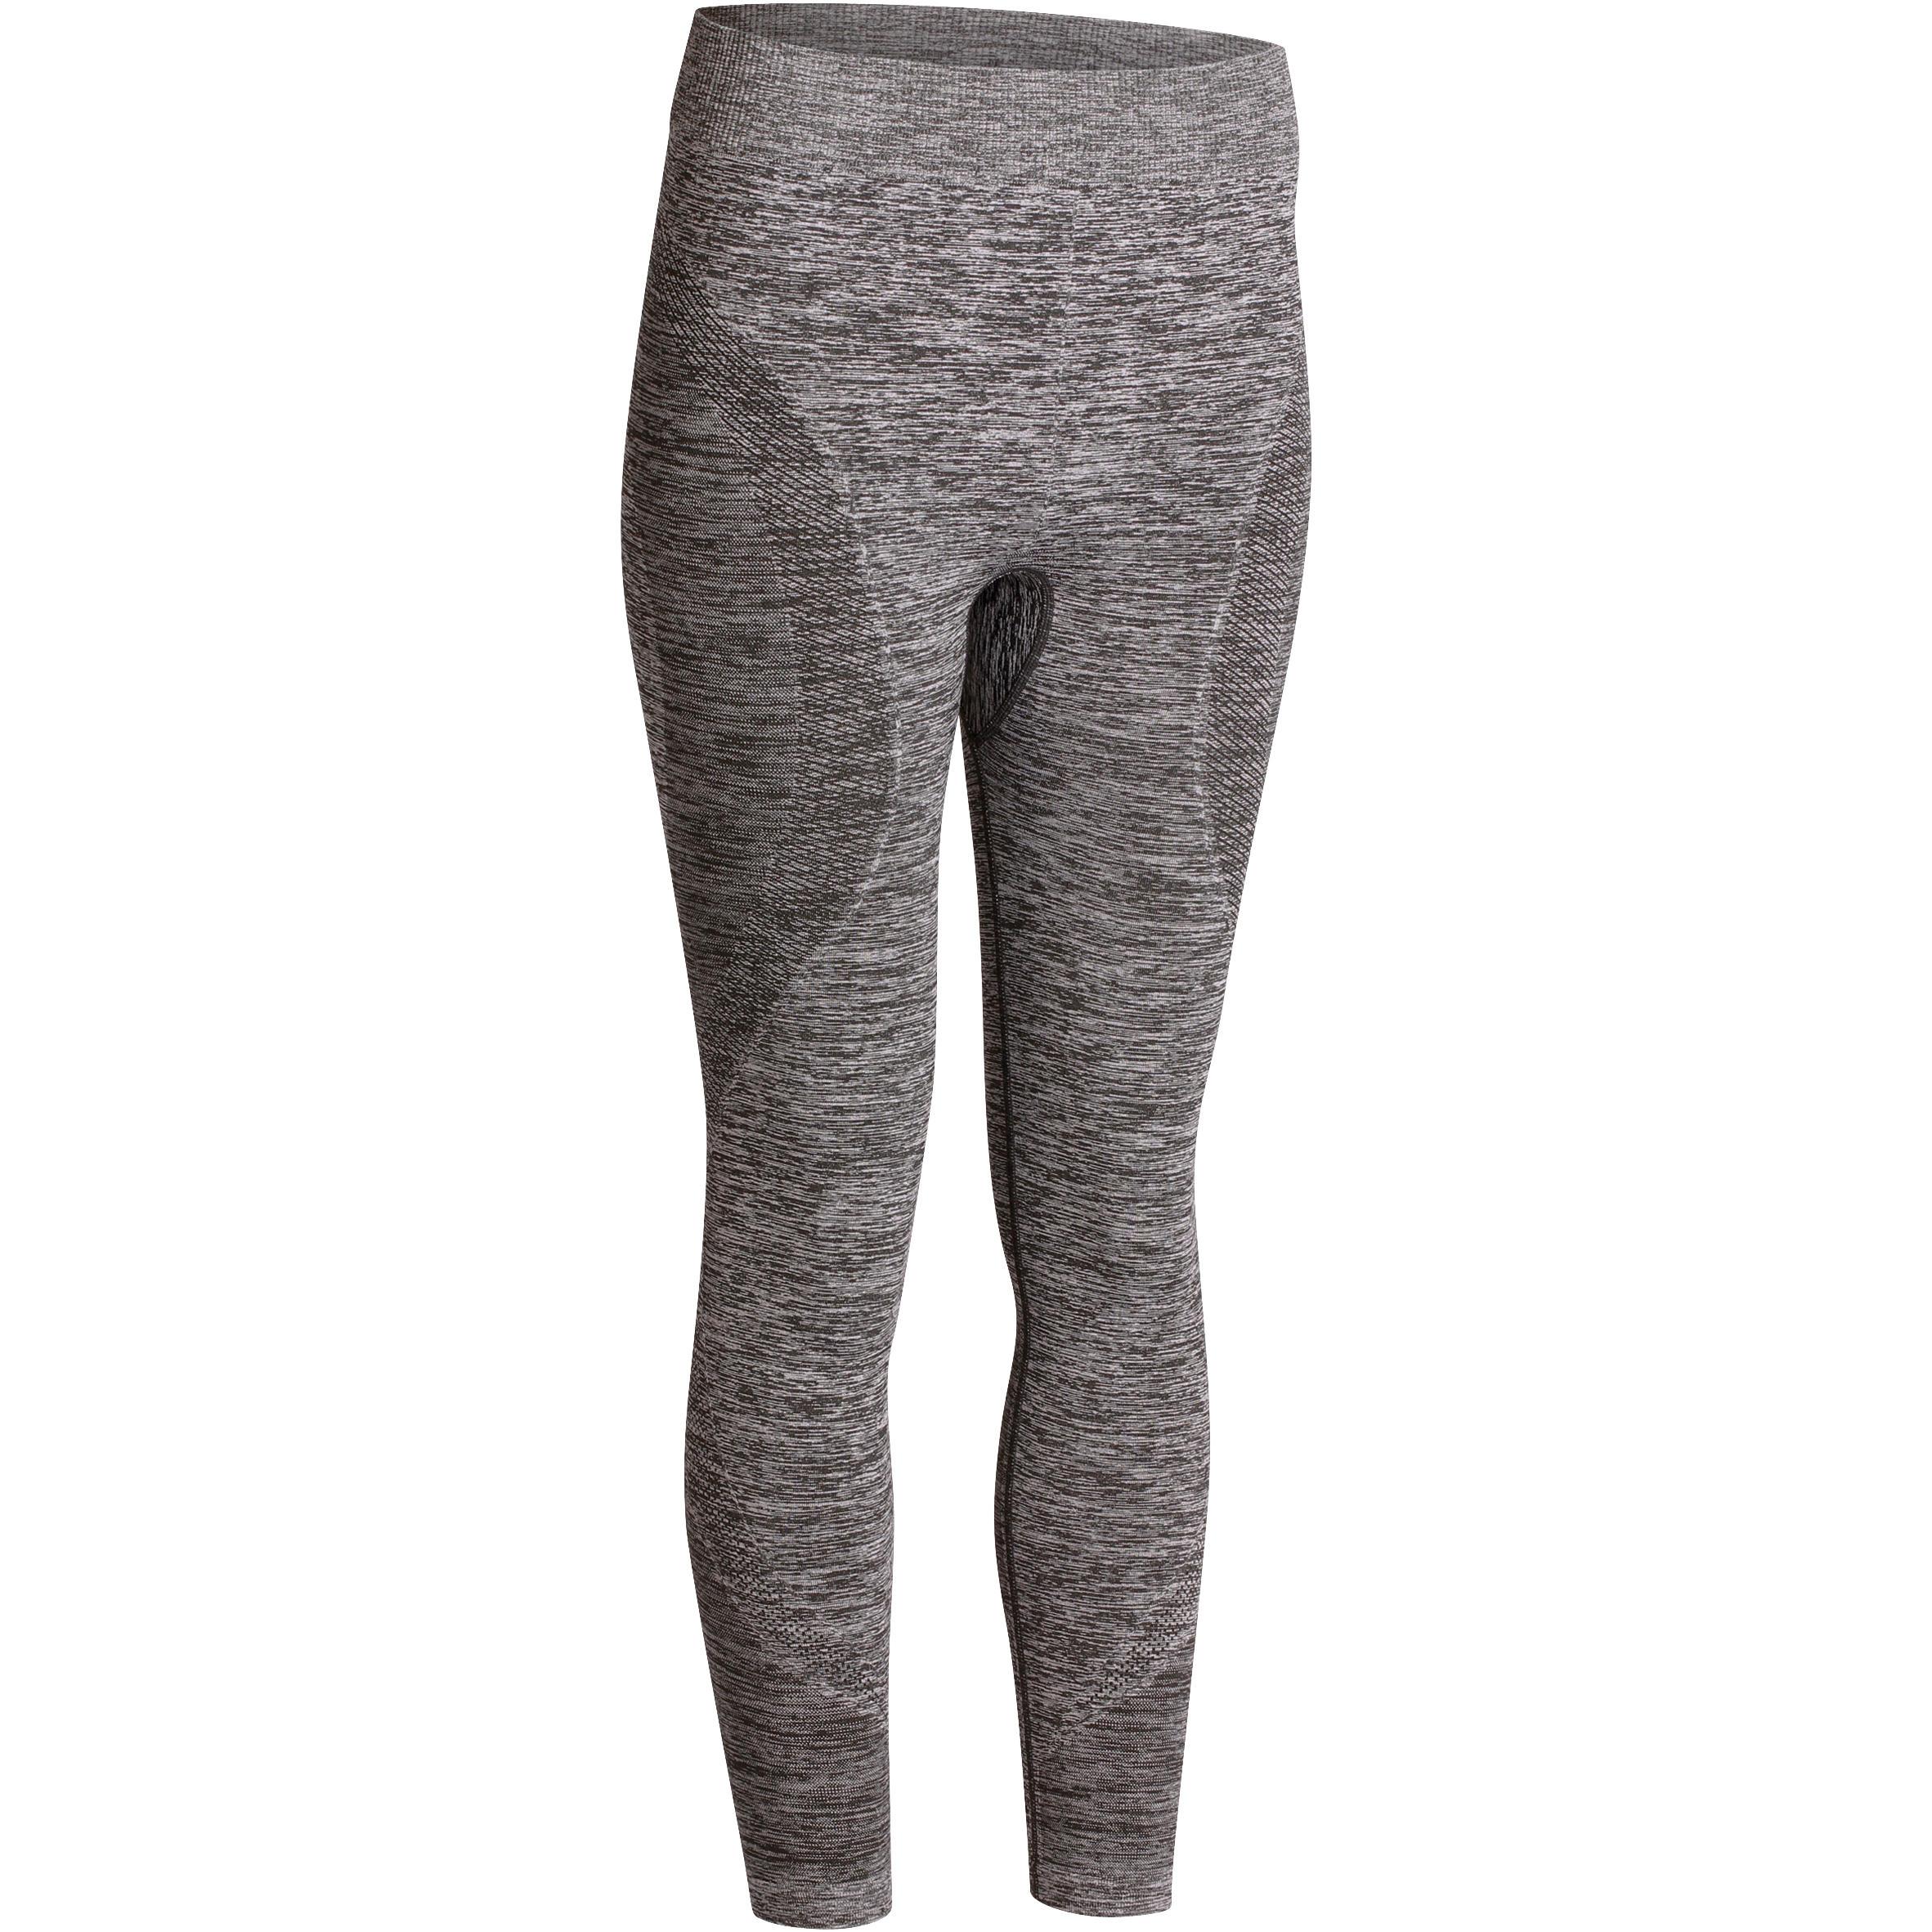 Yoga+ 500 Women's Seamless 7/8 Leggings - Mottled Grey